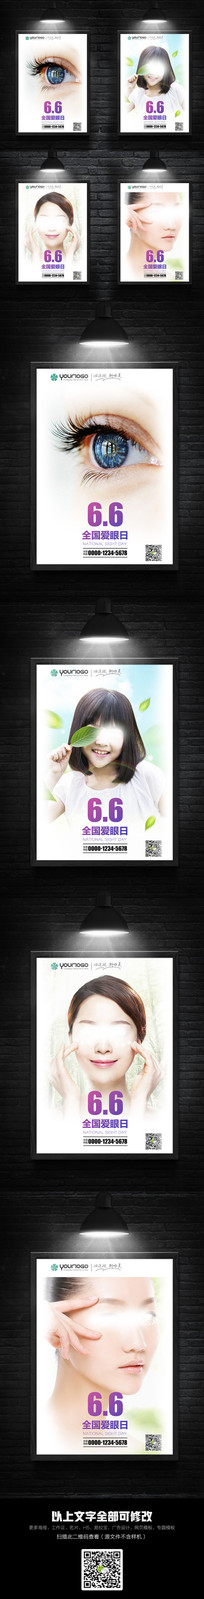 全国爱眼日保护眼睛海报设计